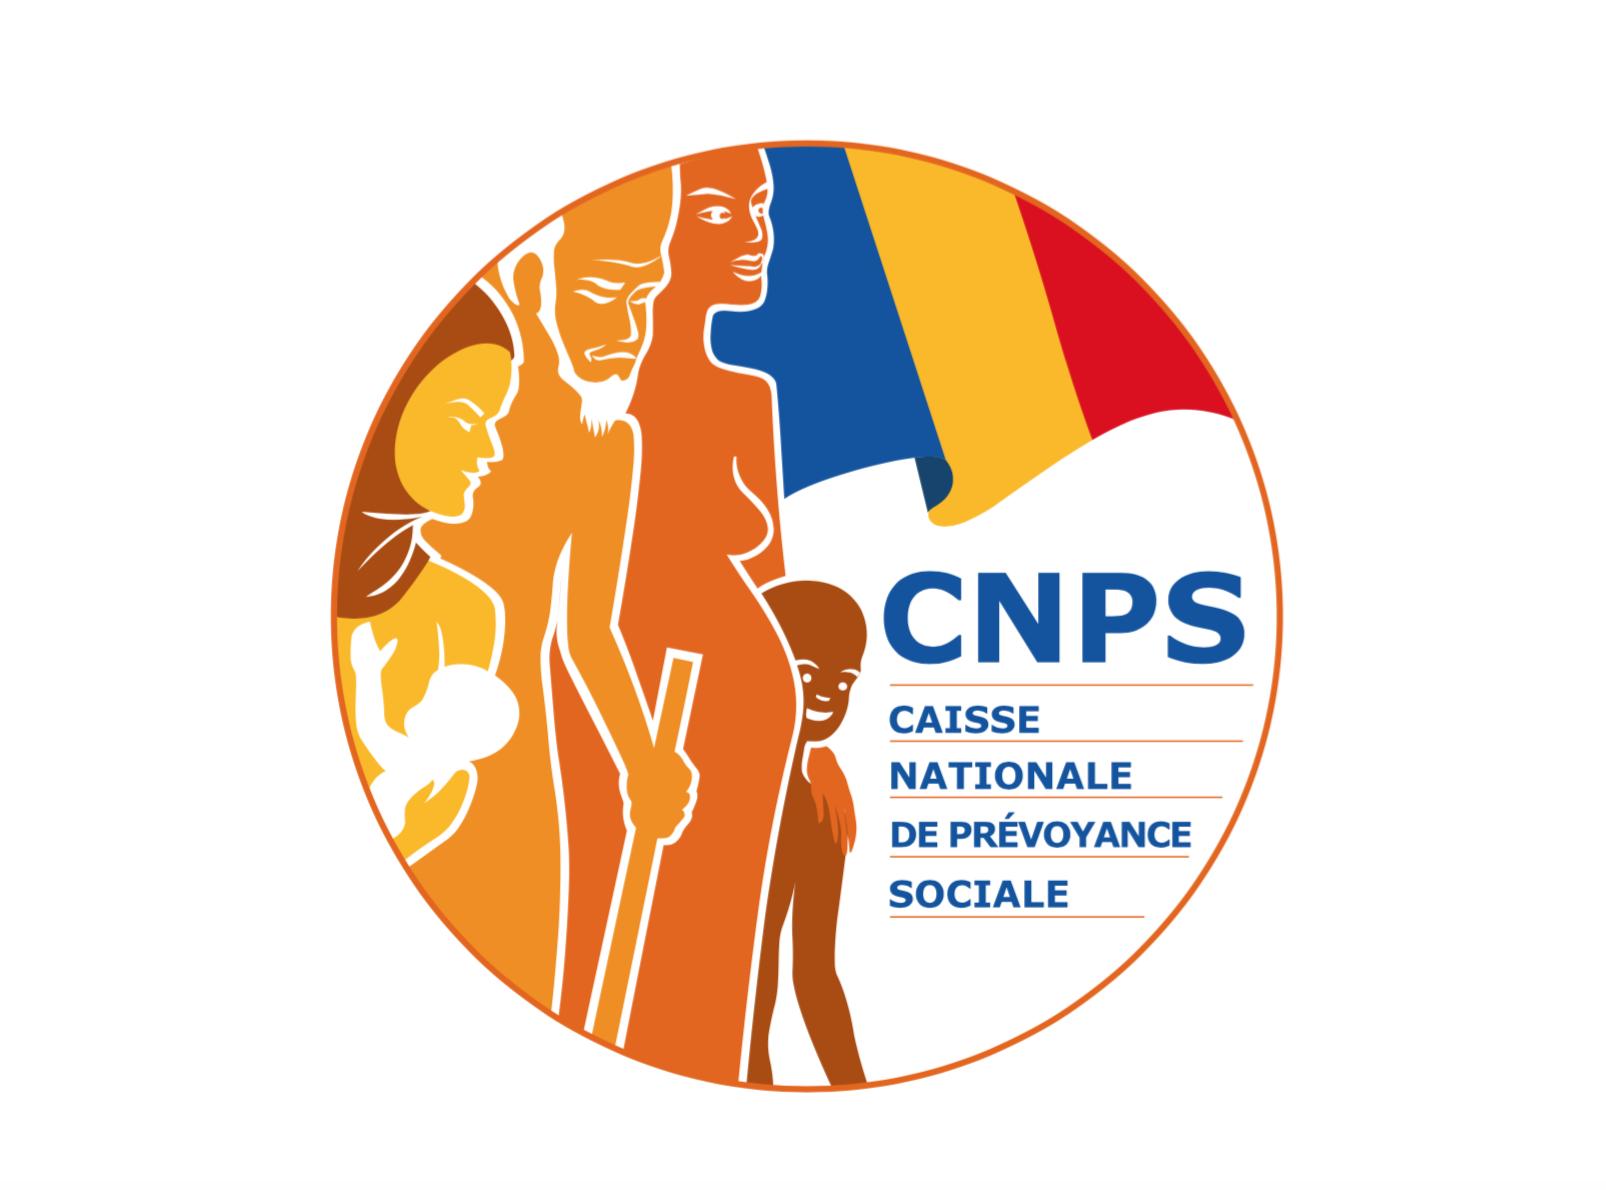 Social : la CNPS procède au récemment biométrique de ses pensionnés